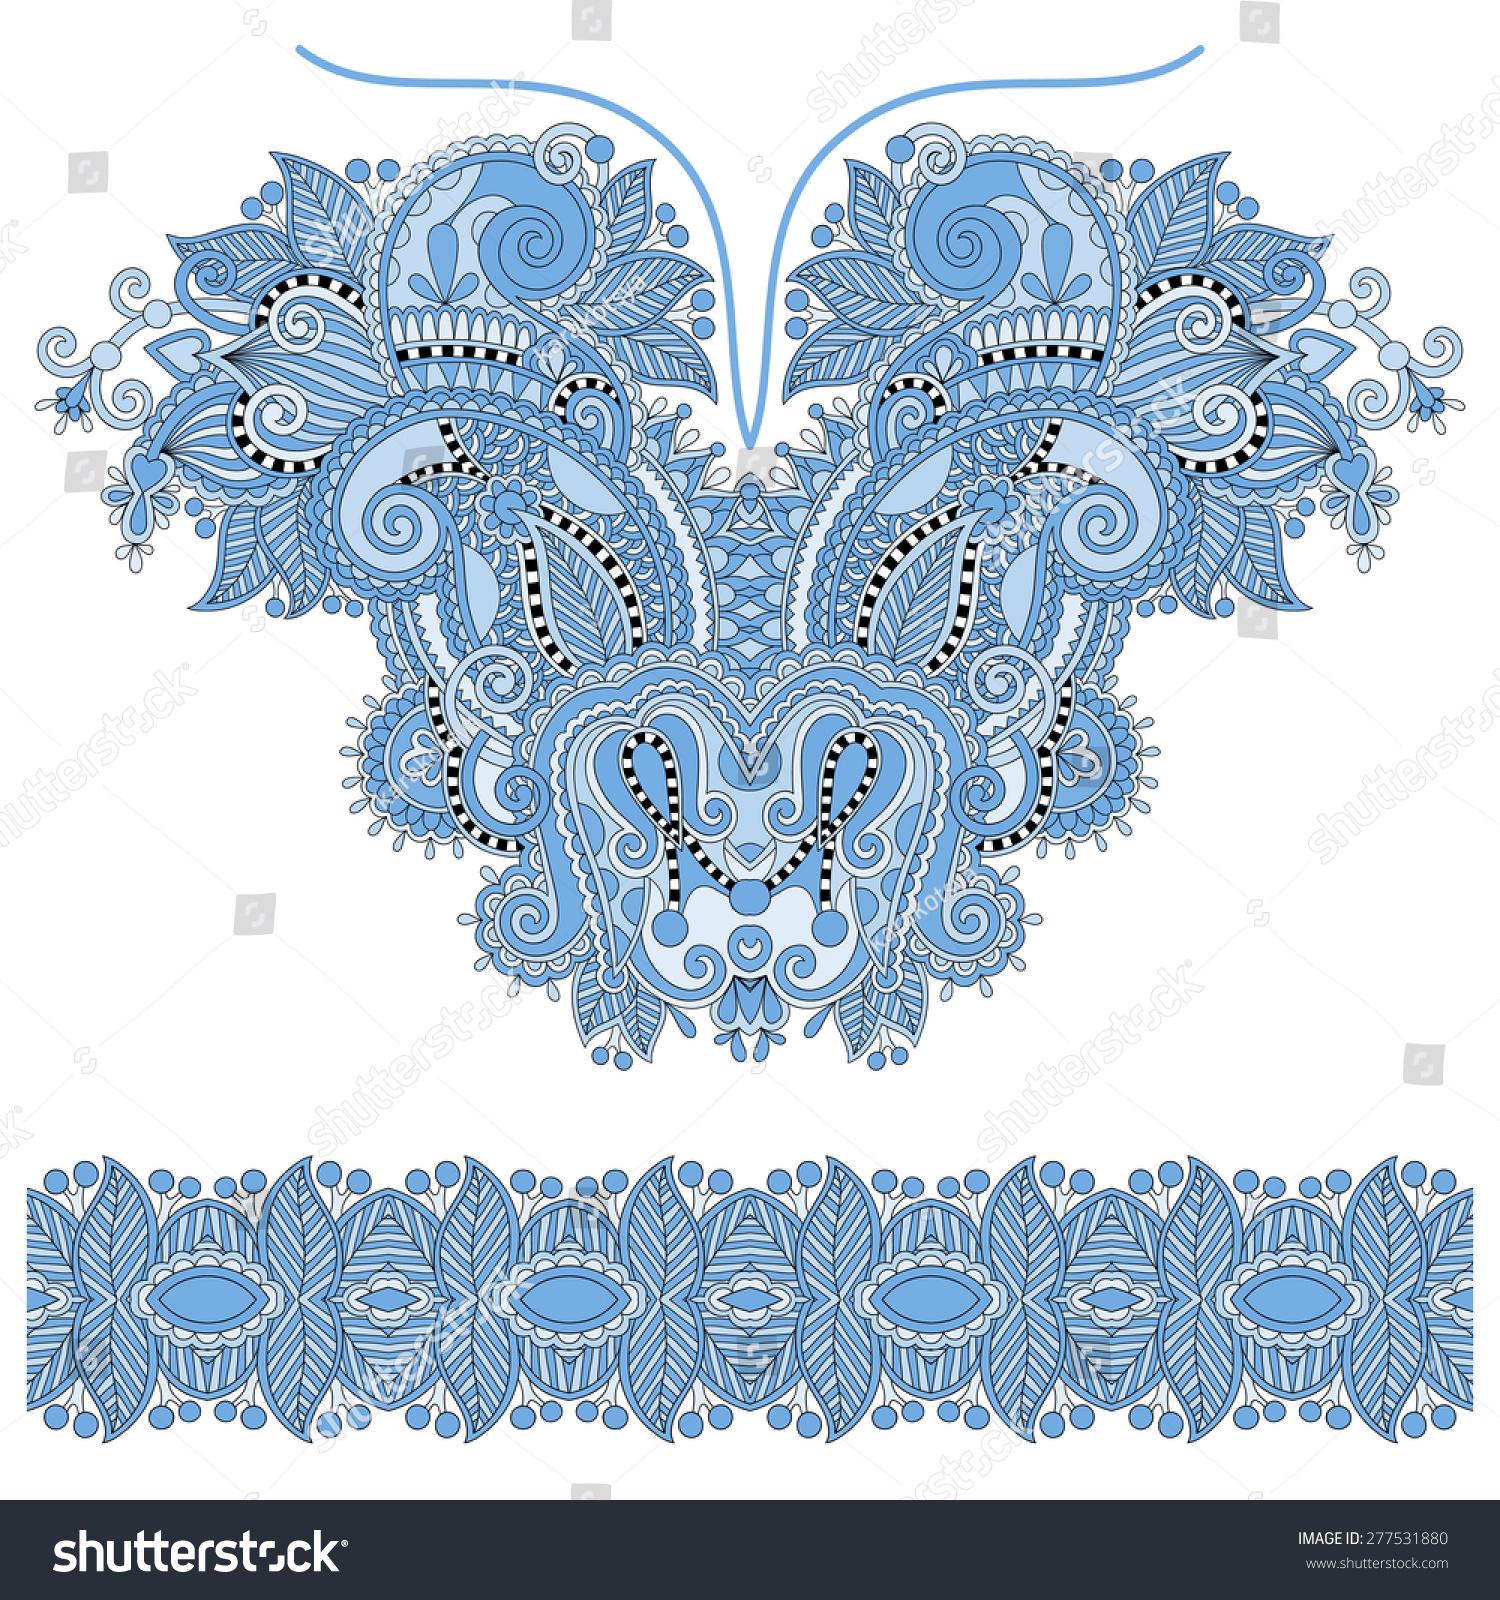 蓝色领口华丽的花卉佩斯利刺绣时尚设计,乌克兰民族风格.